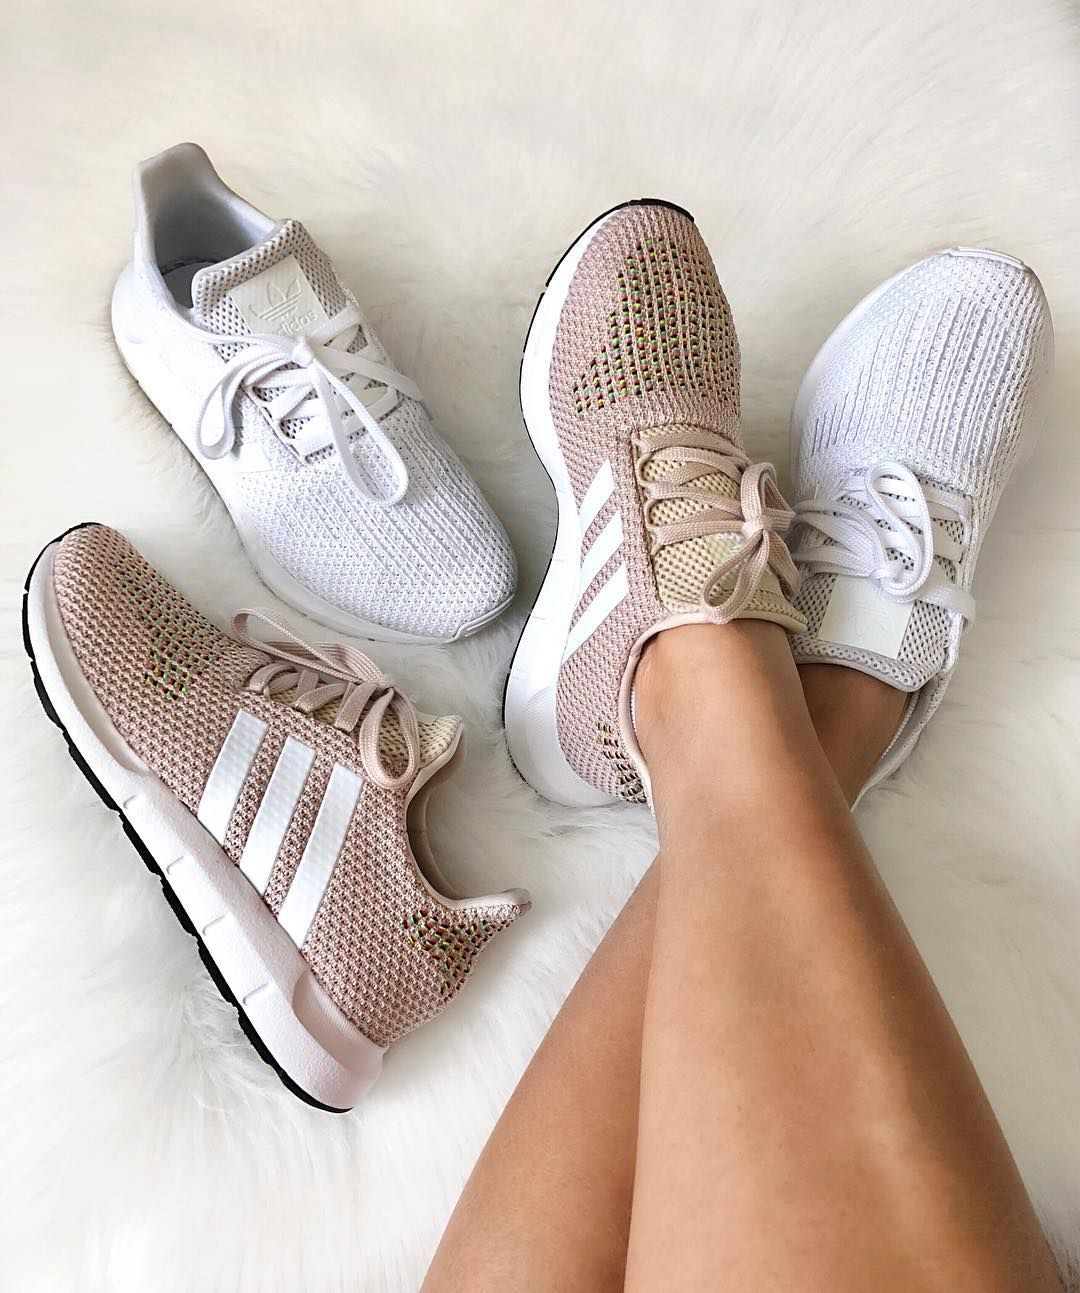 adidas Swift Run Shoes - Pink - Stylish